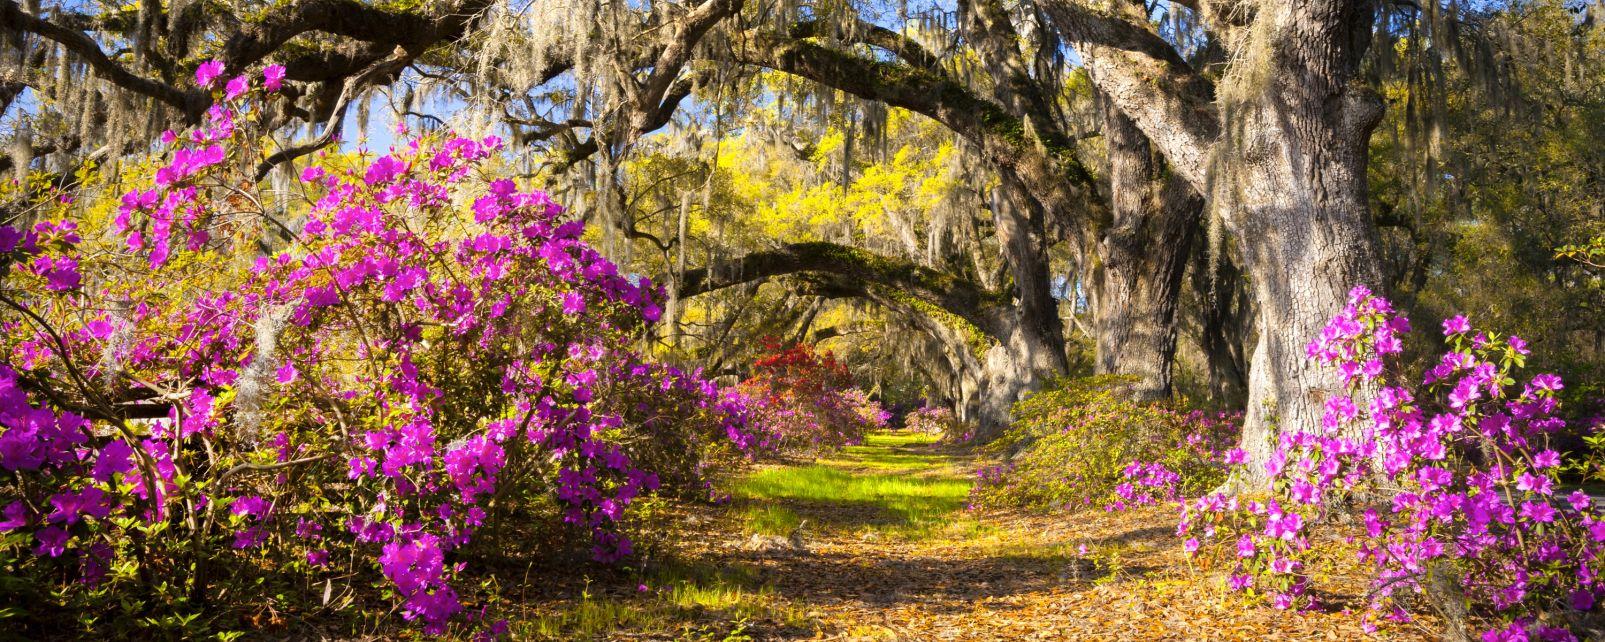 Les paysages, caroline du nord, caroline, etats-unis, amérique, USA, flore, jardin, nature, magnolia plantation